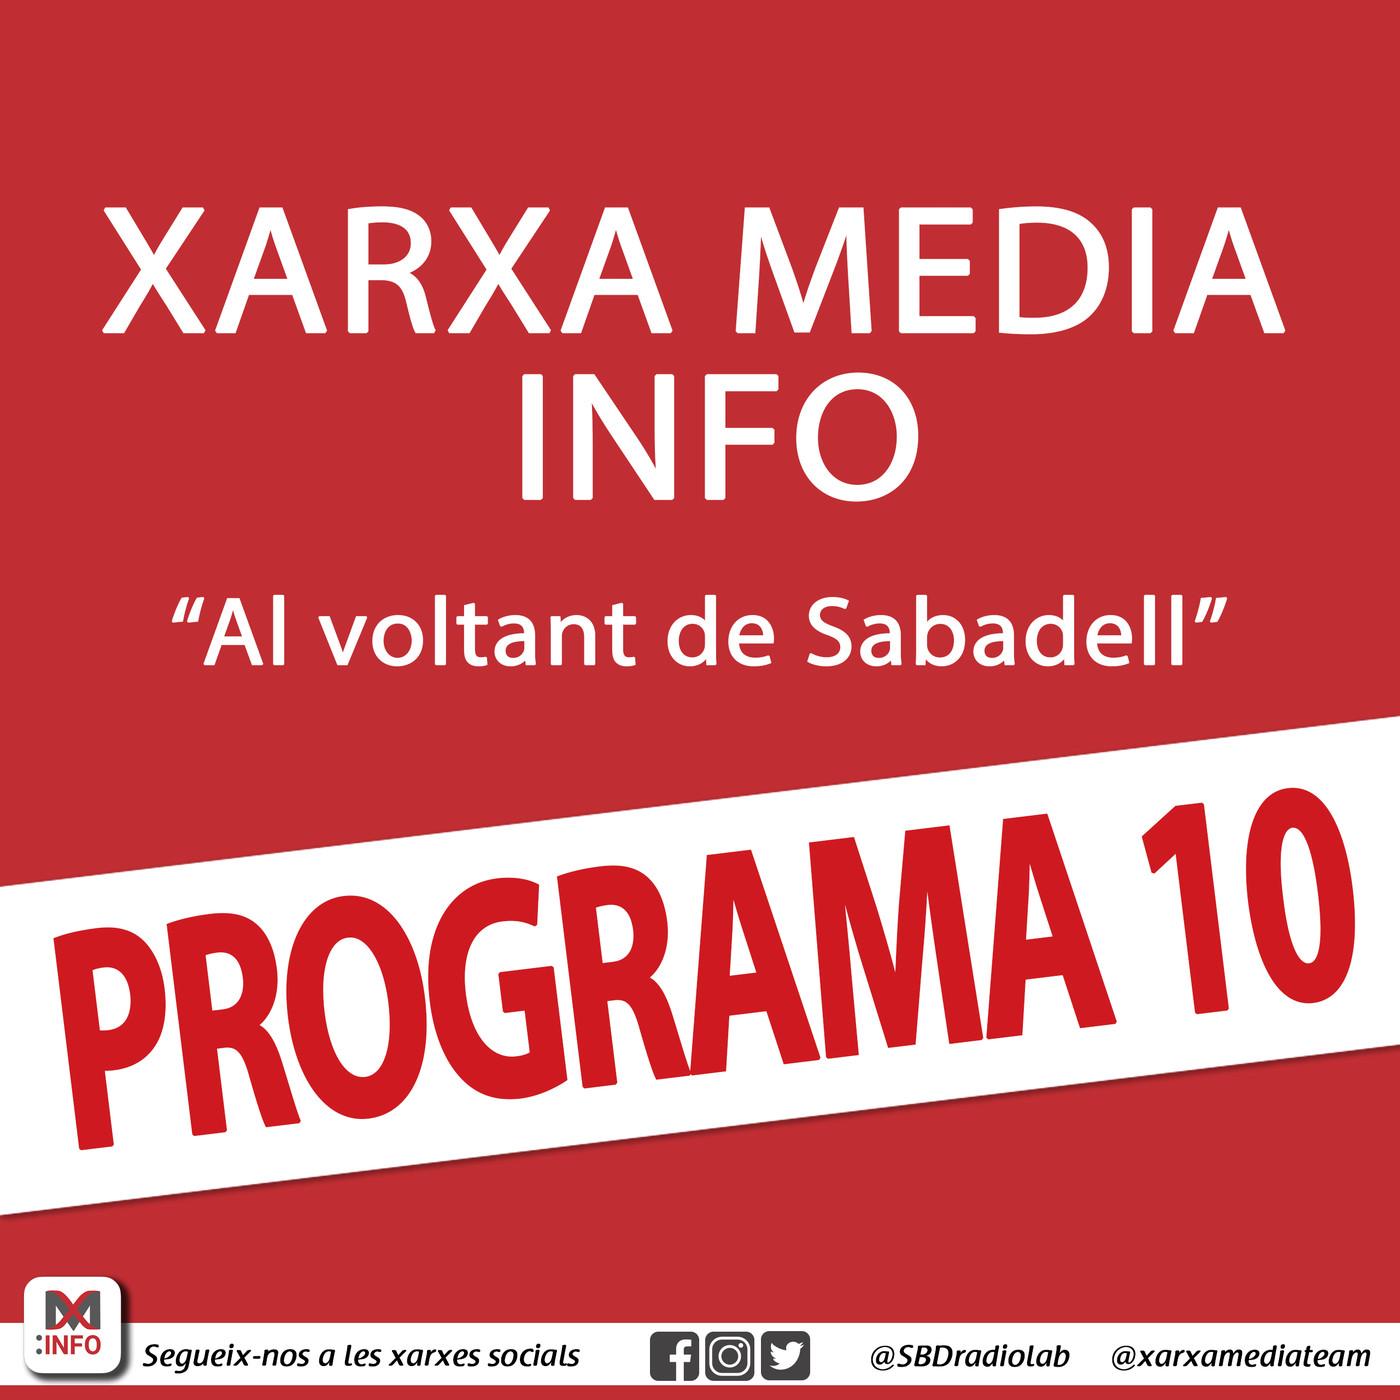 Xarxa Media Info 'Al voltant de Sabadell' (Programa 10, sencer)